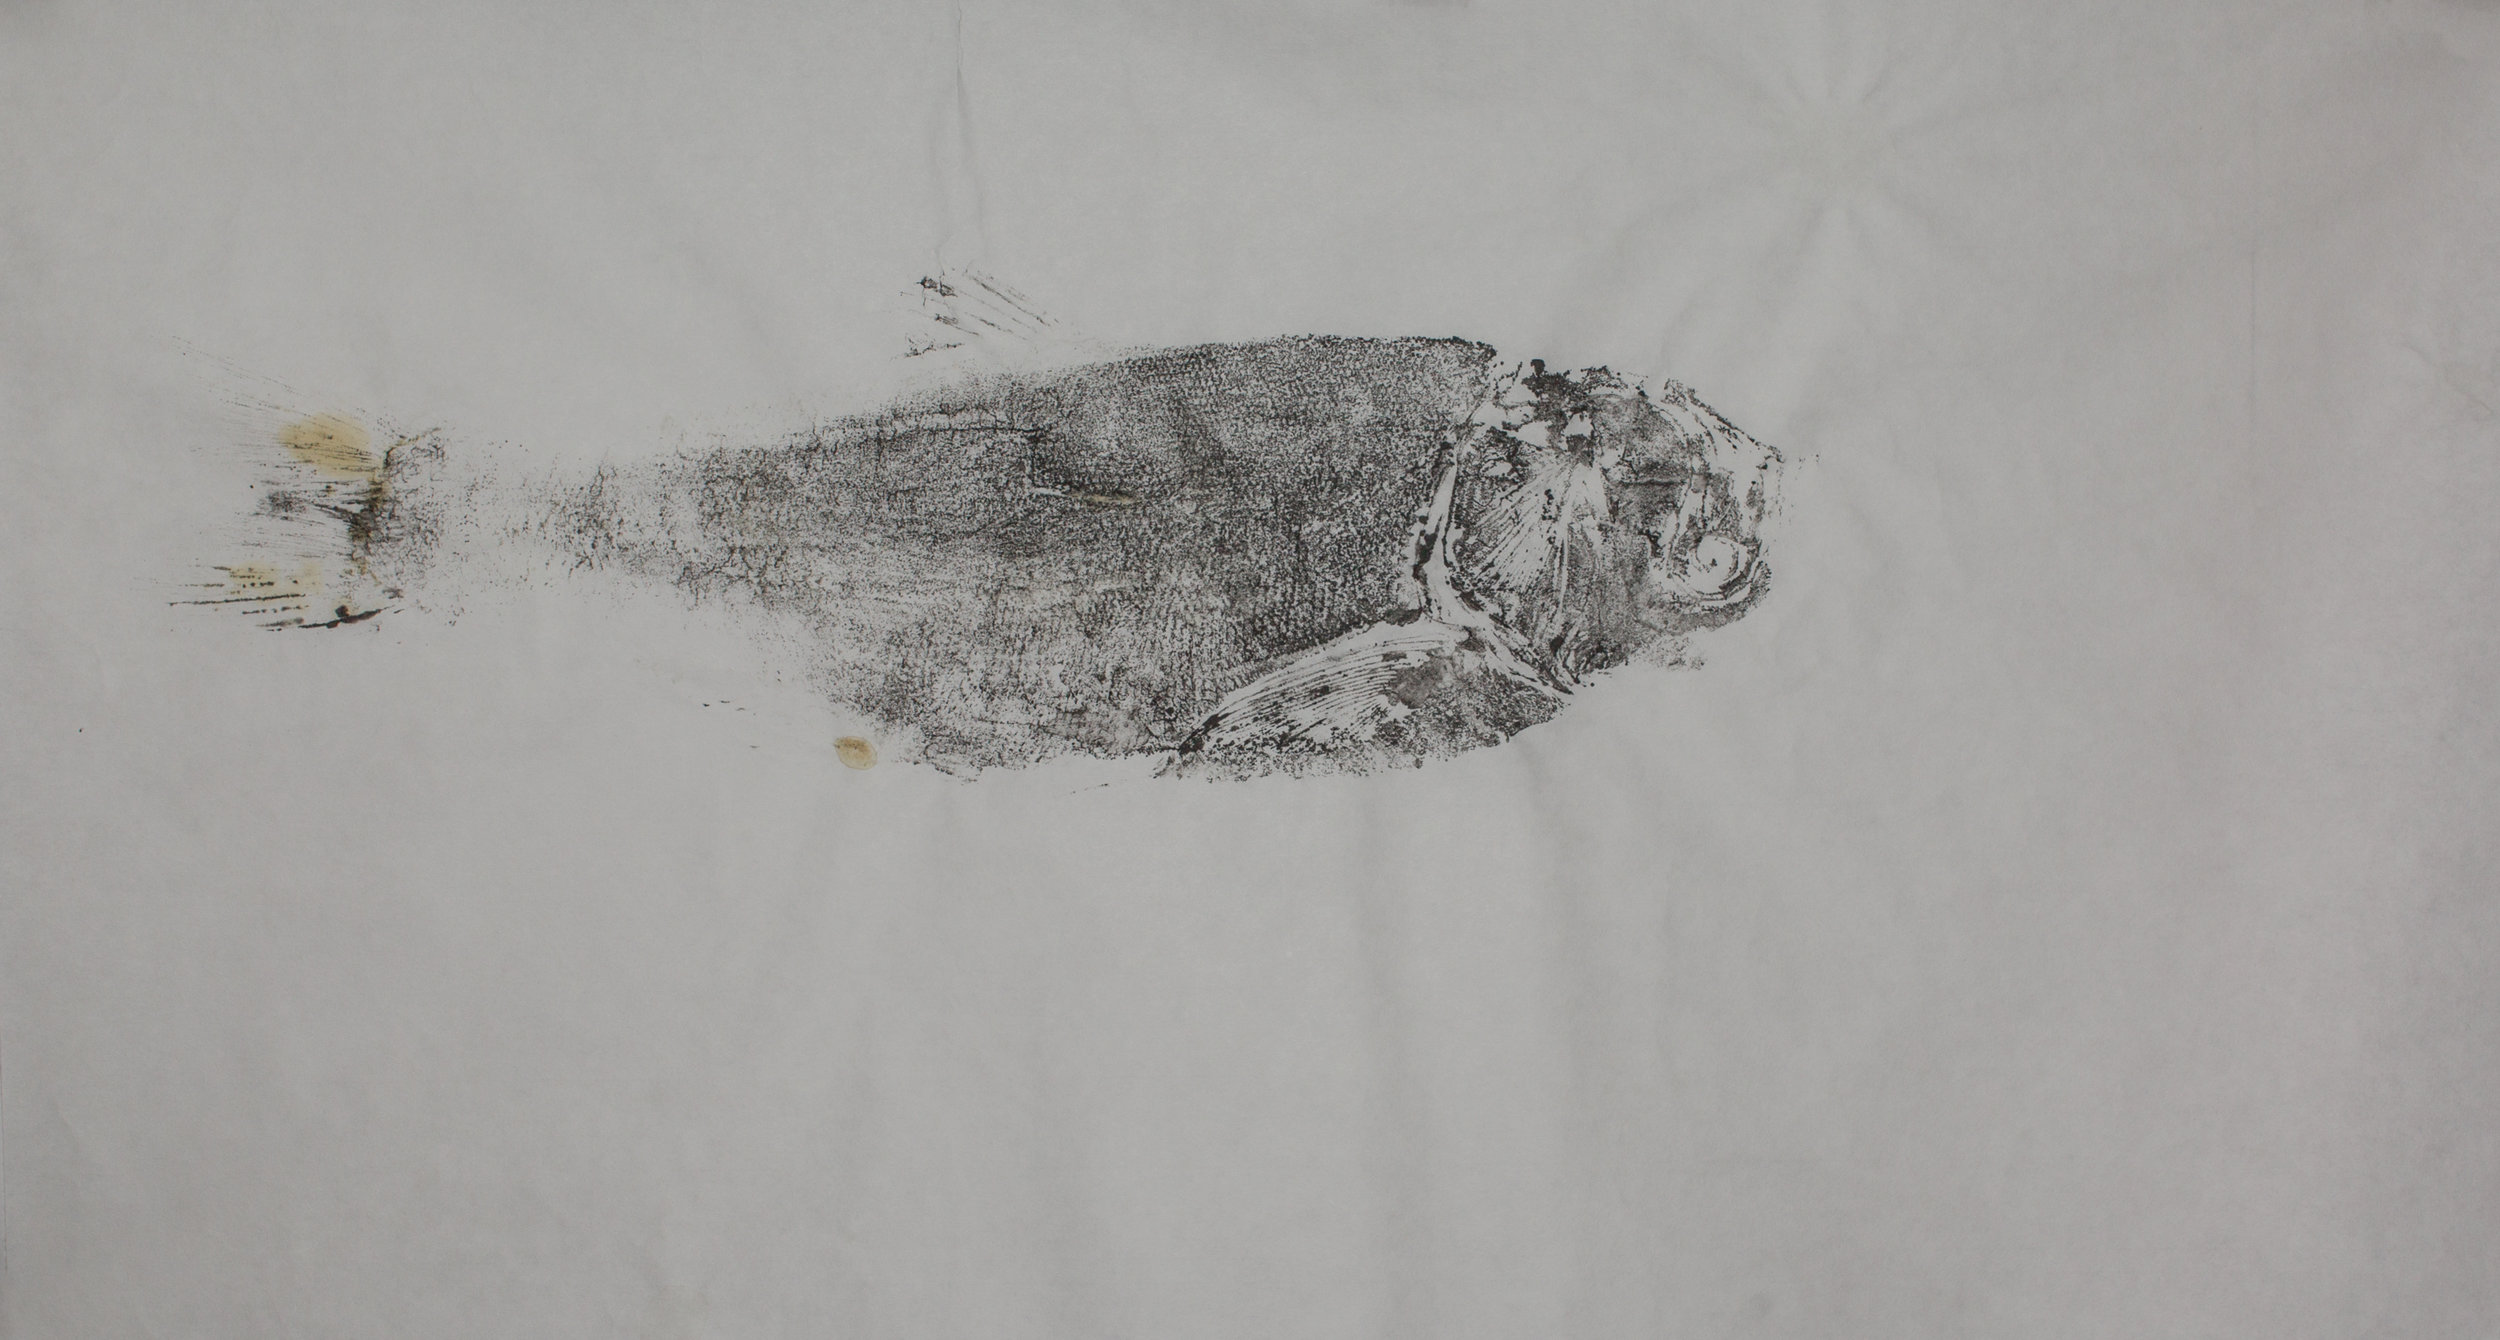 Gyotaku_006.jpg